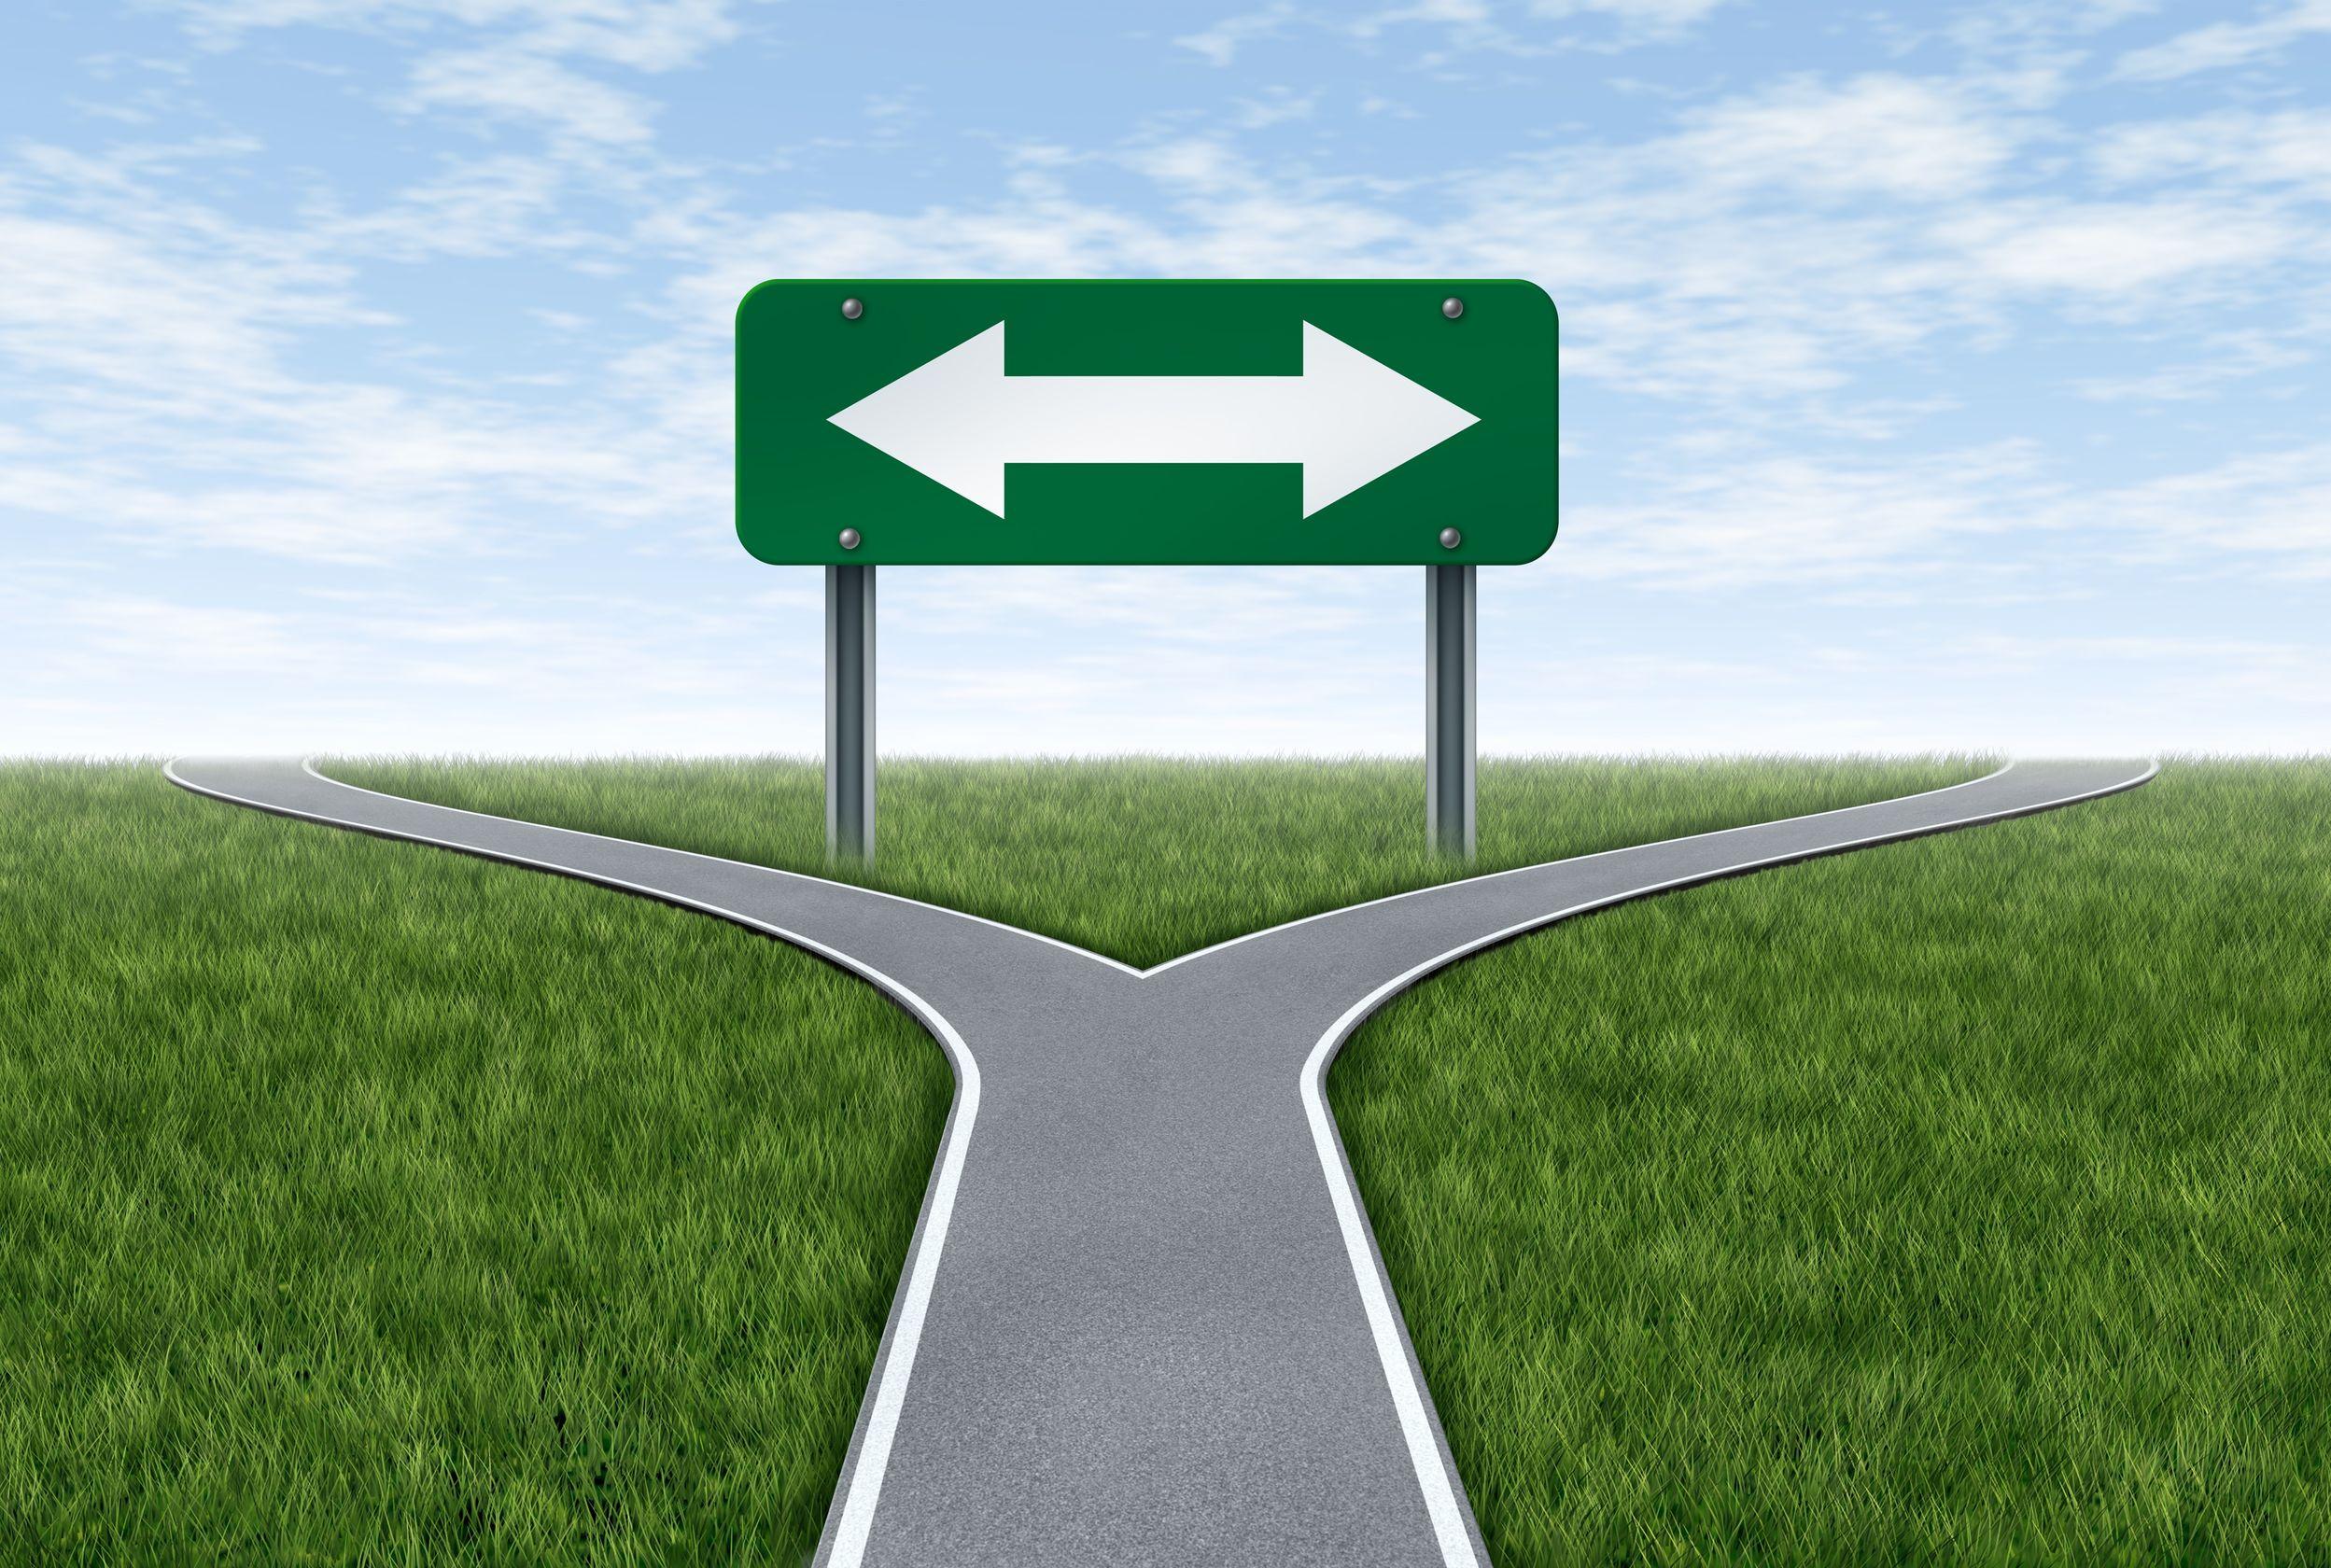 Go left. LEFT!